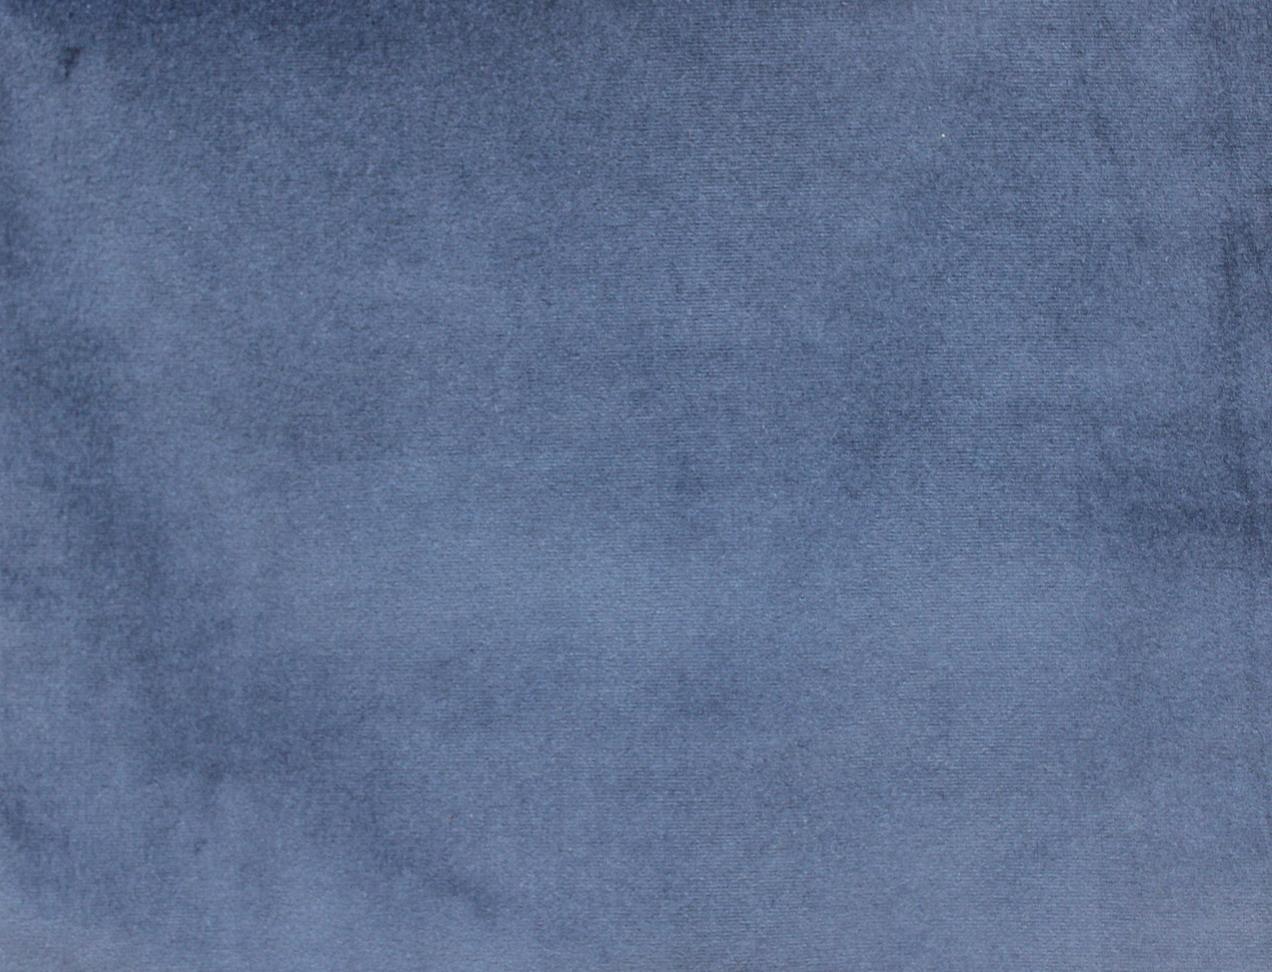 LIOCORNO Blue